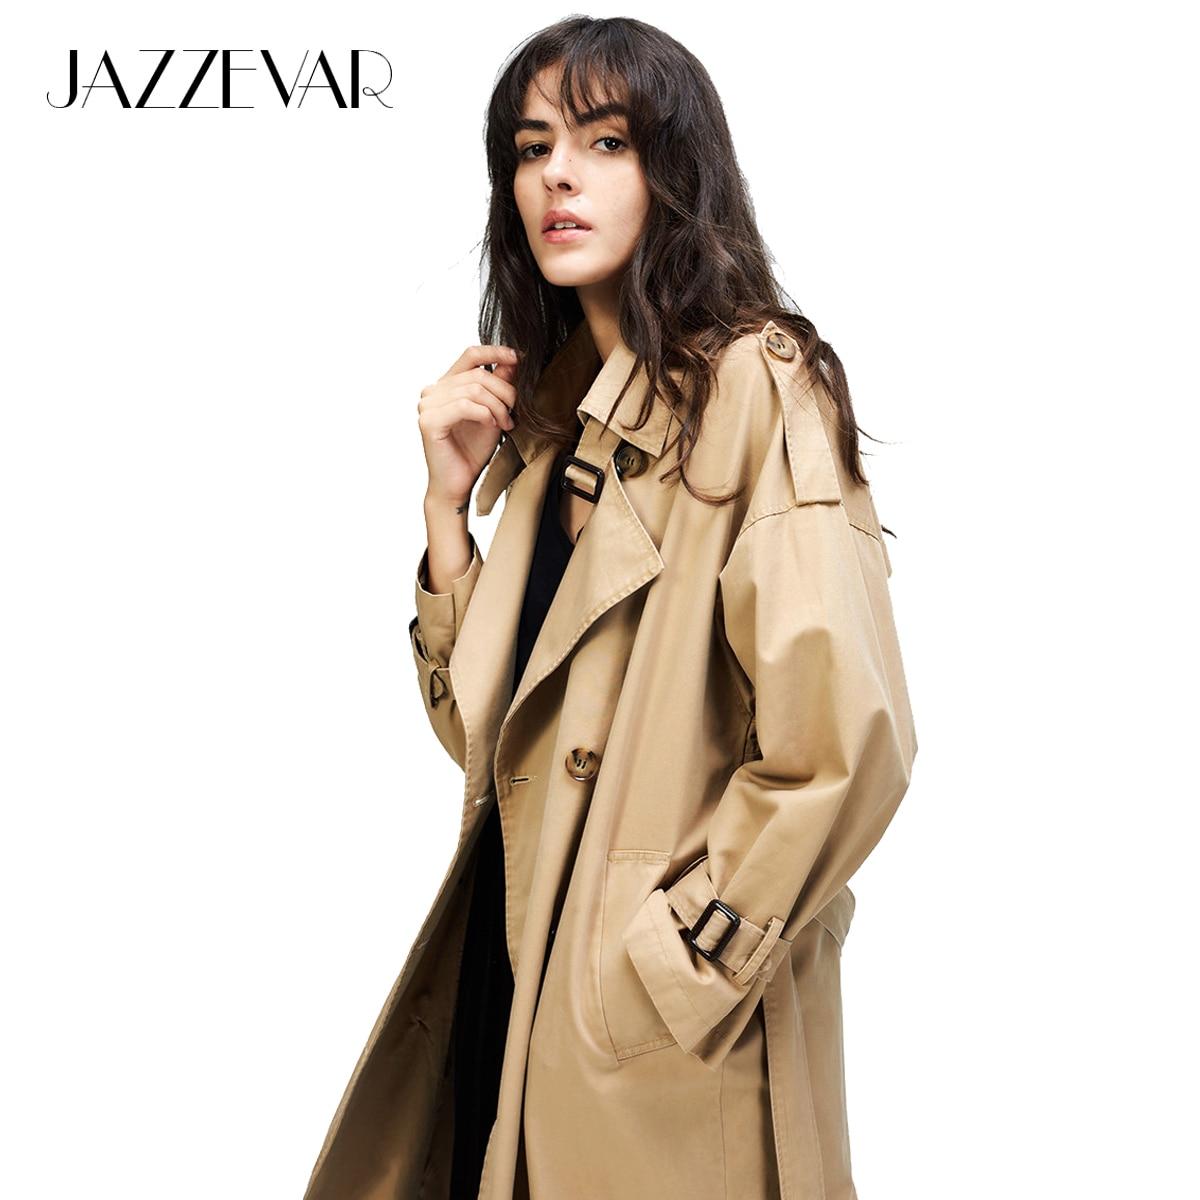 JAZZEVAR 2018 осенью новый Для женщин Повседневное плащ oversize двубортный Винтаж промывают пиджаки свободные Костюмы